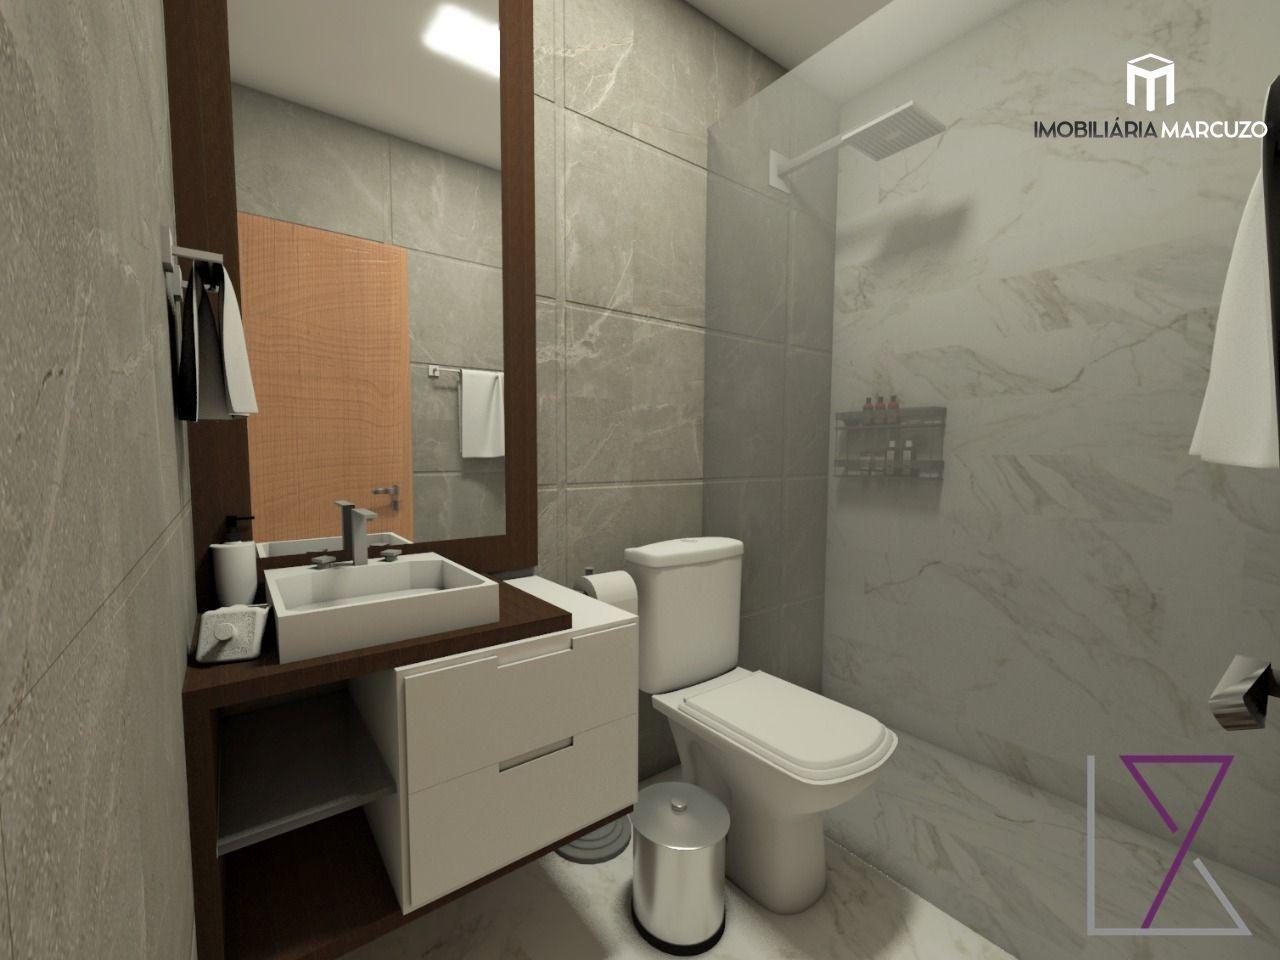 Casa com 2 Dormitórios à venda, 77 m² por R$ 210.000,00